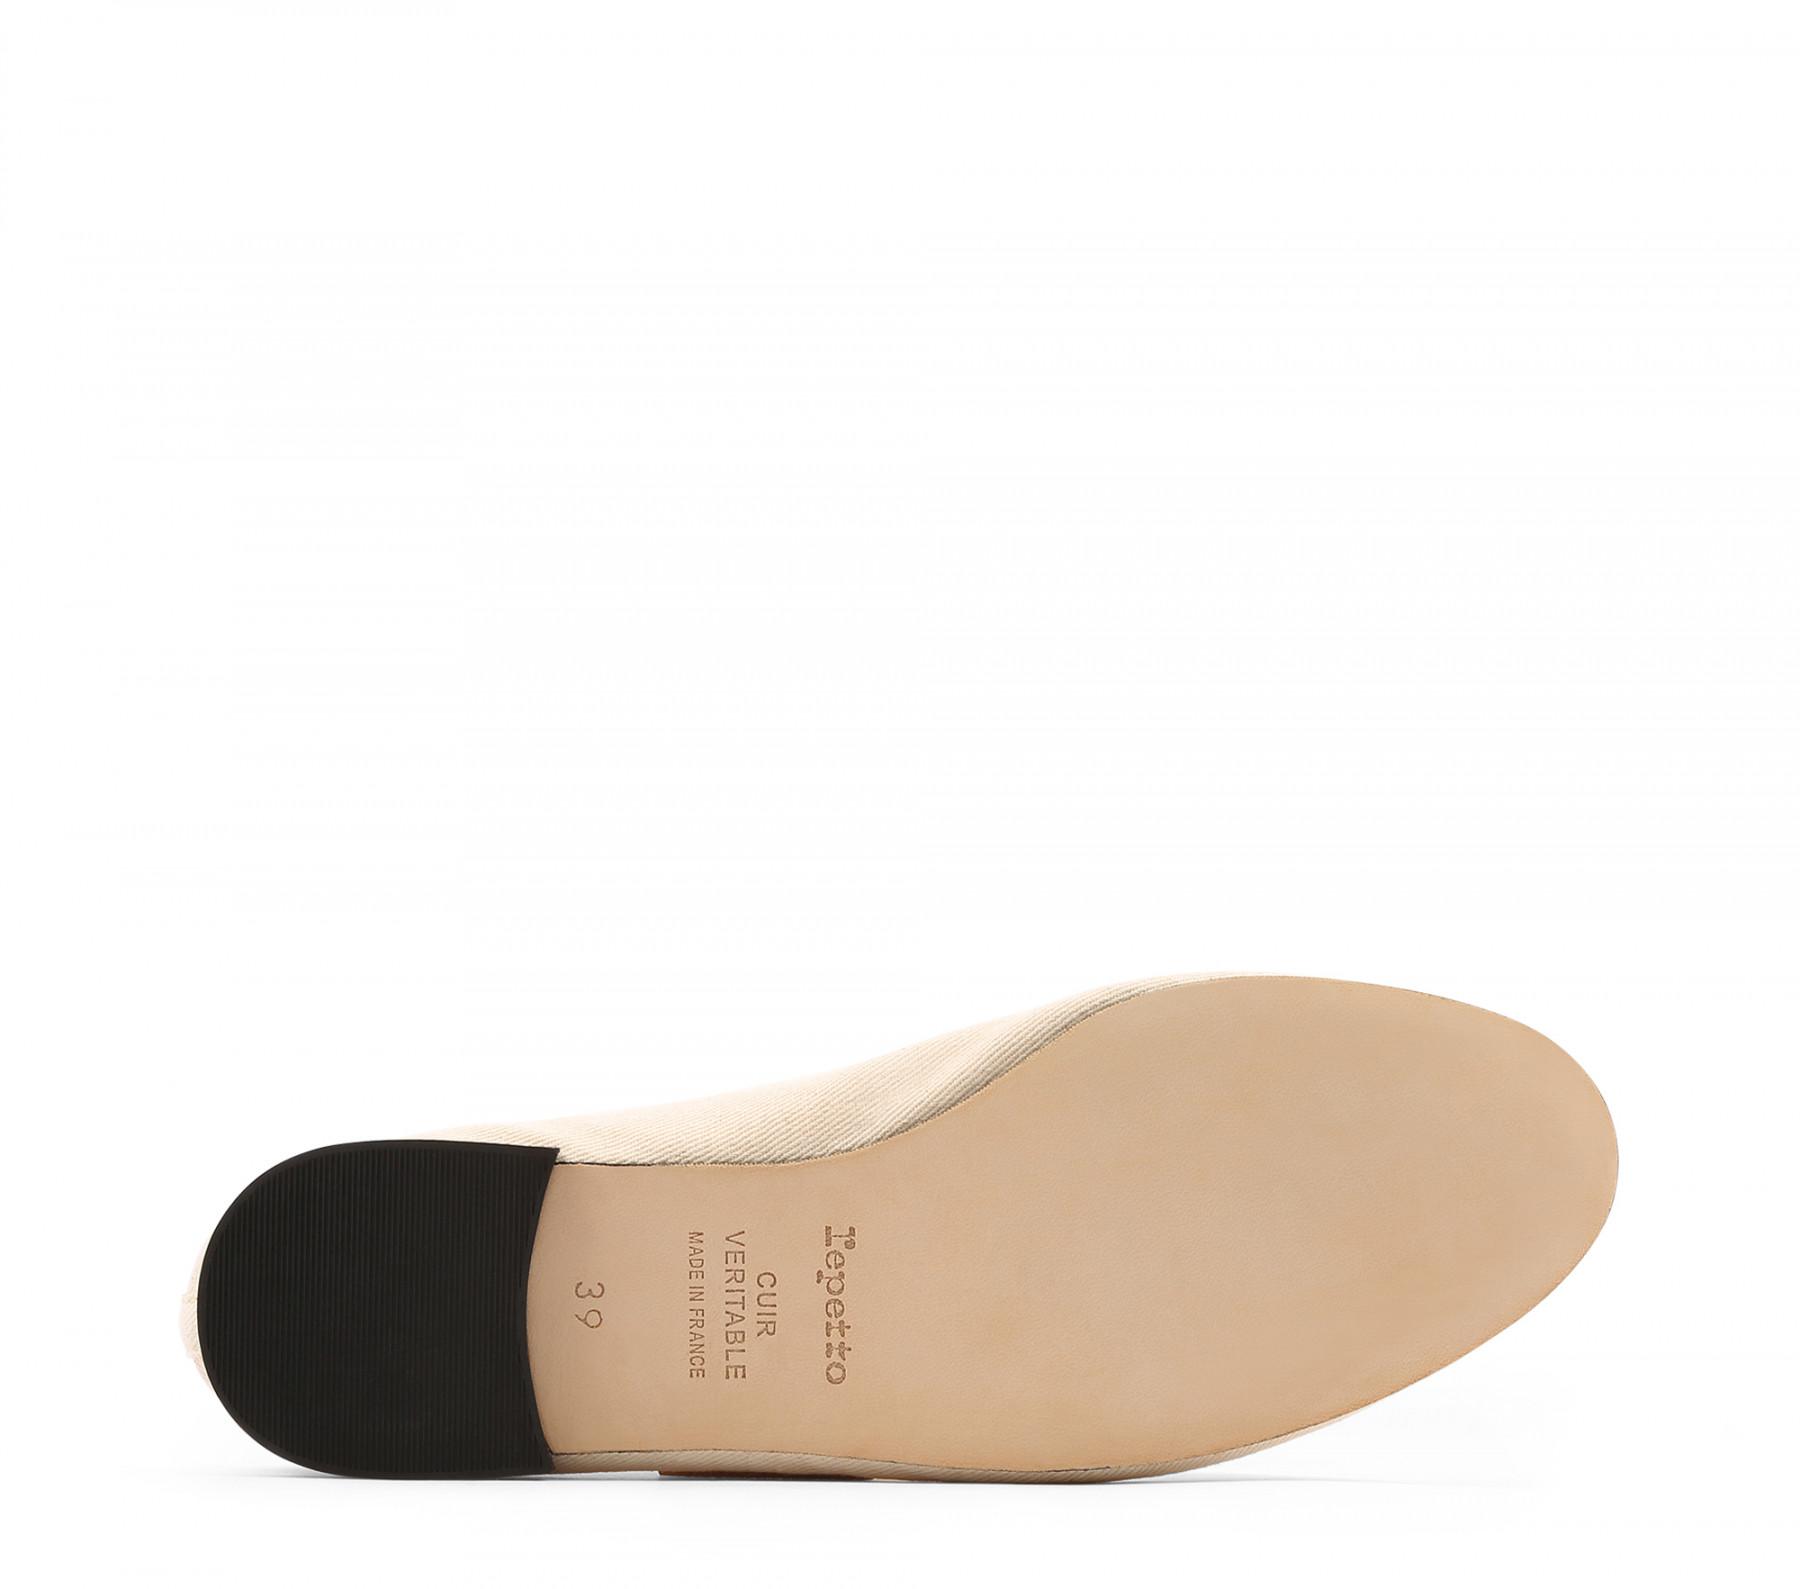 Lutz ballerinas and shopper bag